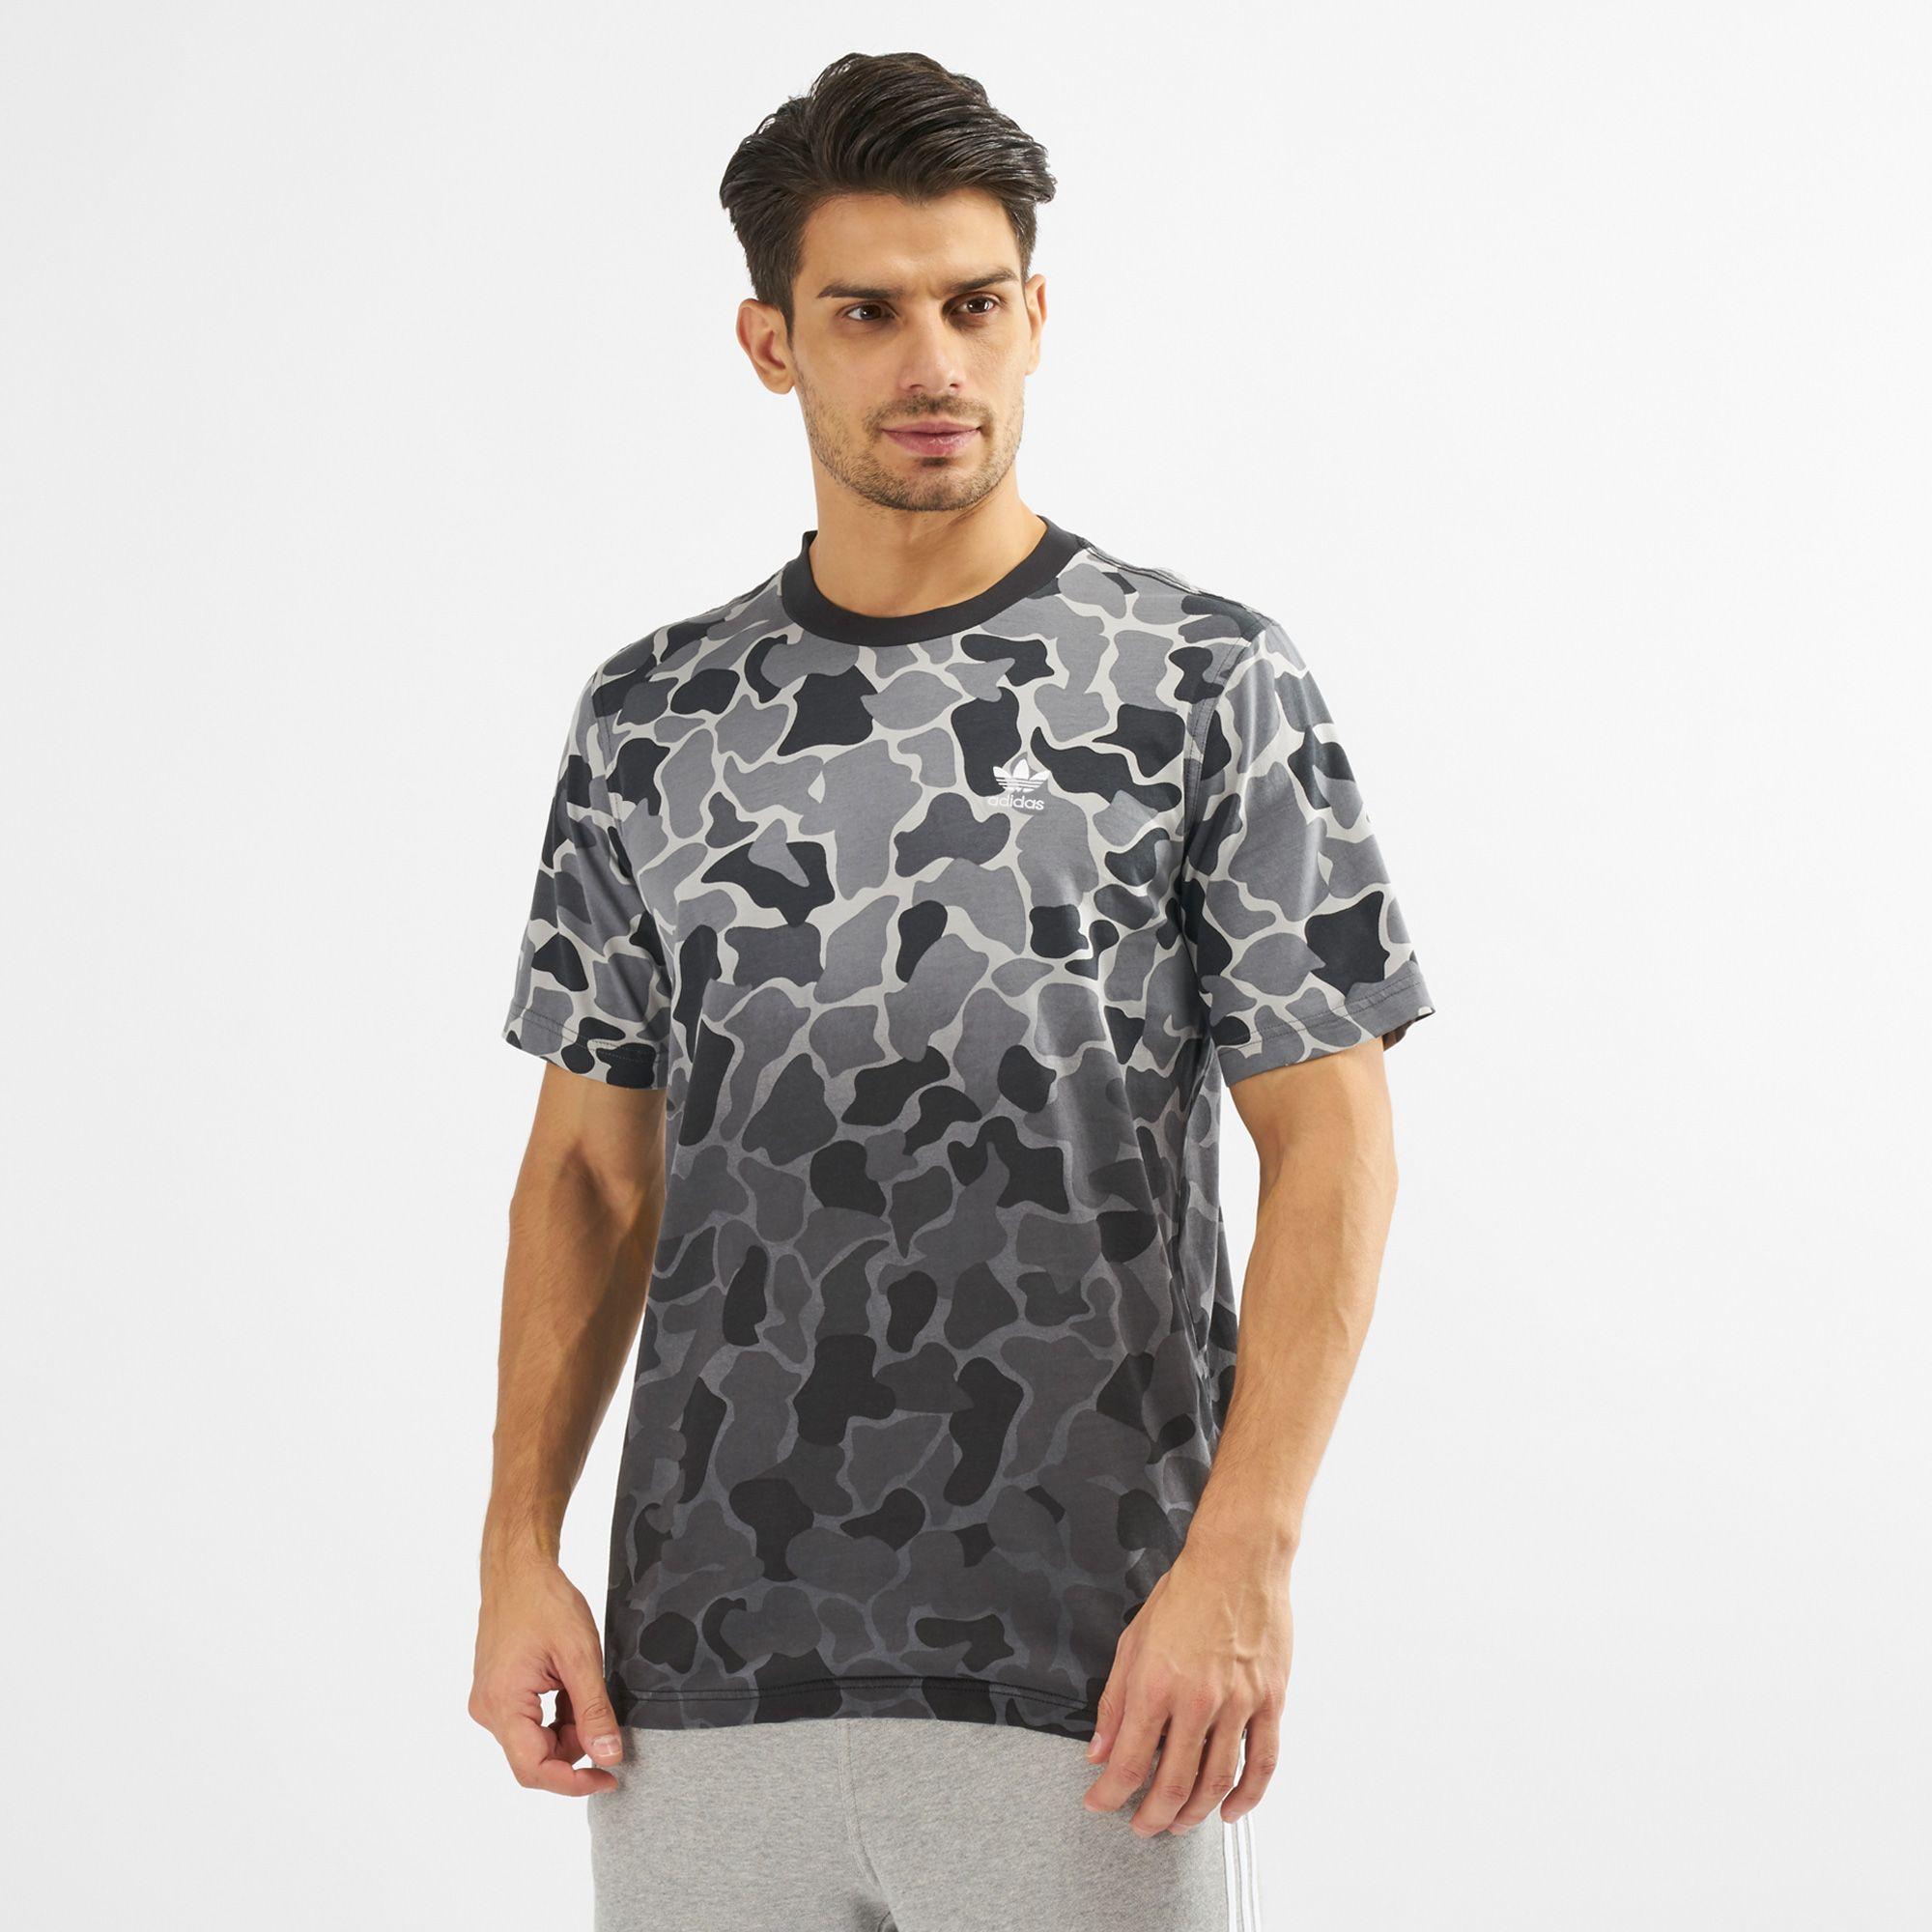 adidas Originals Men's Camo Dipped T Shirt